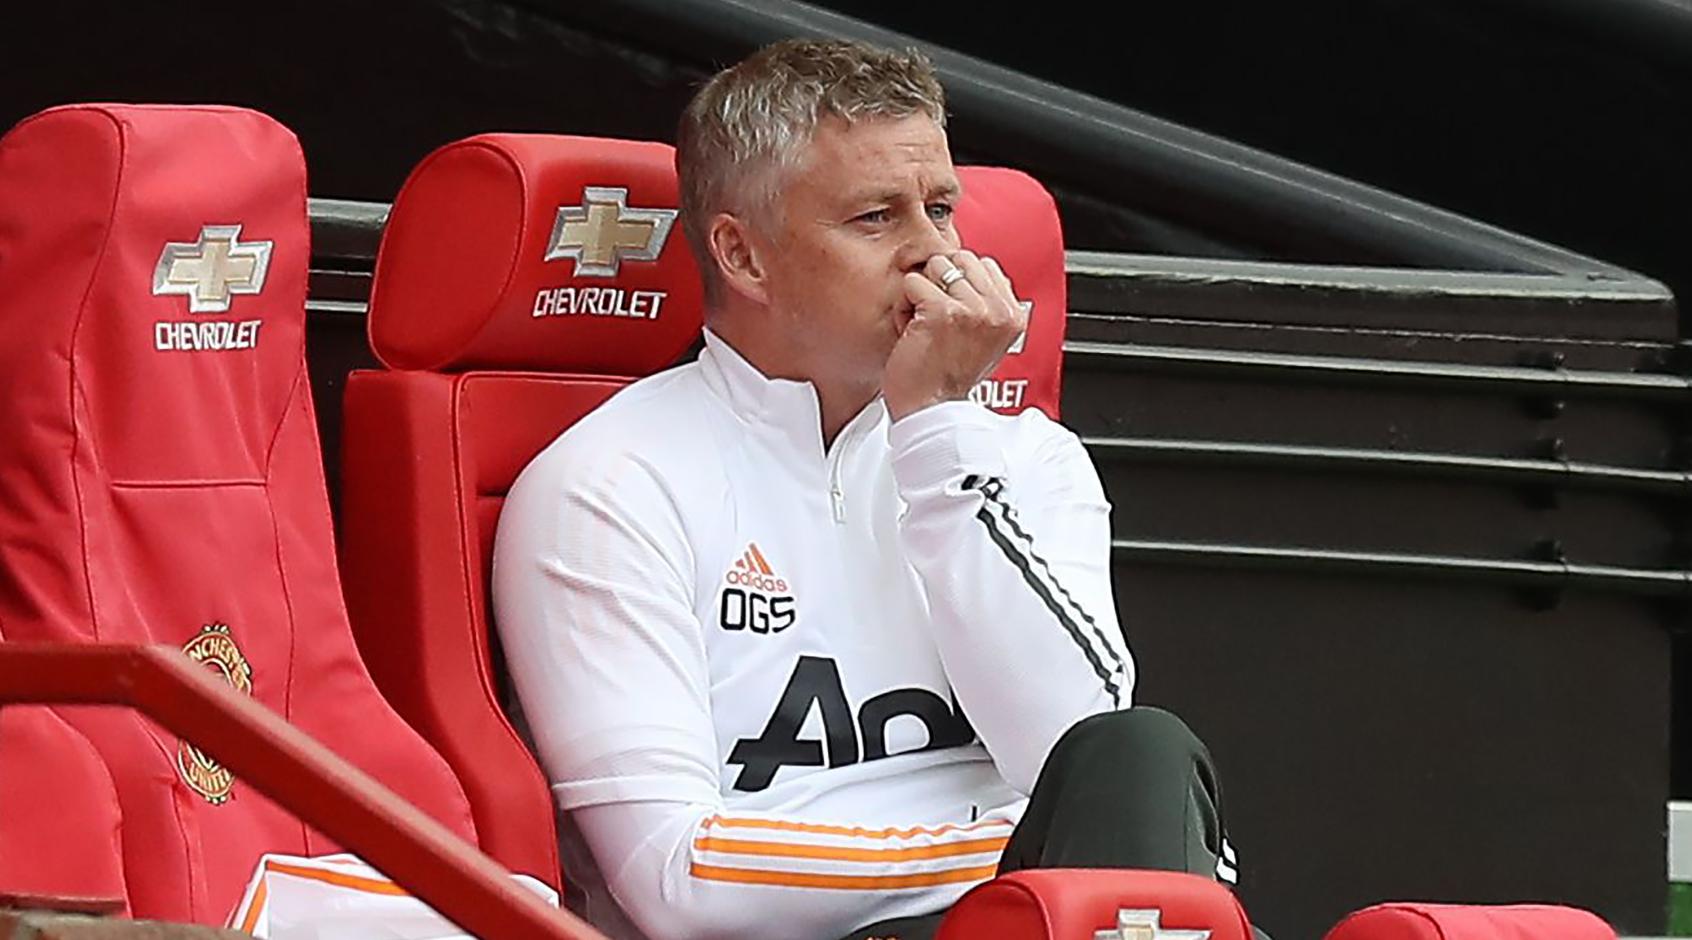 """Оле-Гуннар Сульшер: """"У """"Манчестер Юнайтед"""" впереди пять игр - нужно набрать 10 или 12 очков"""""""